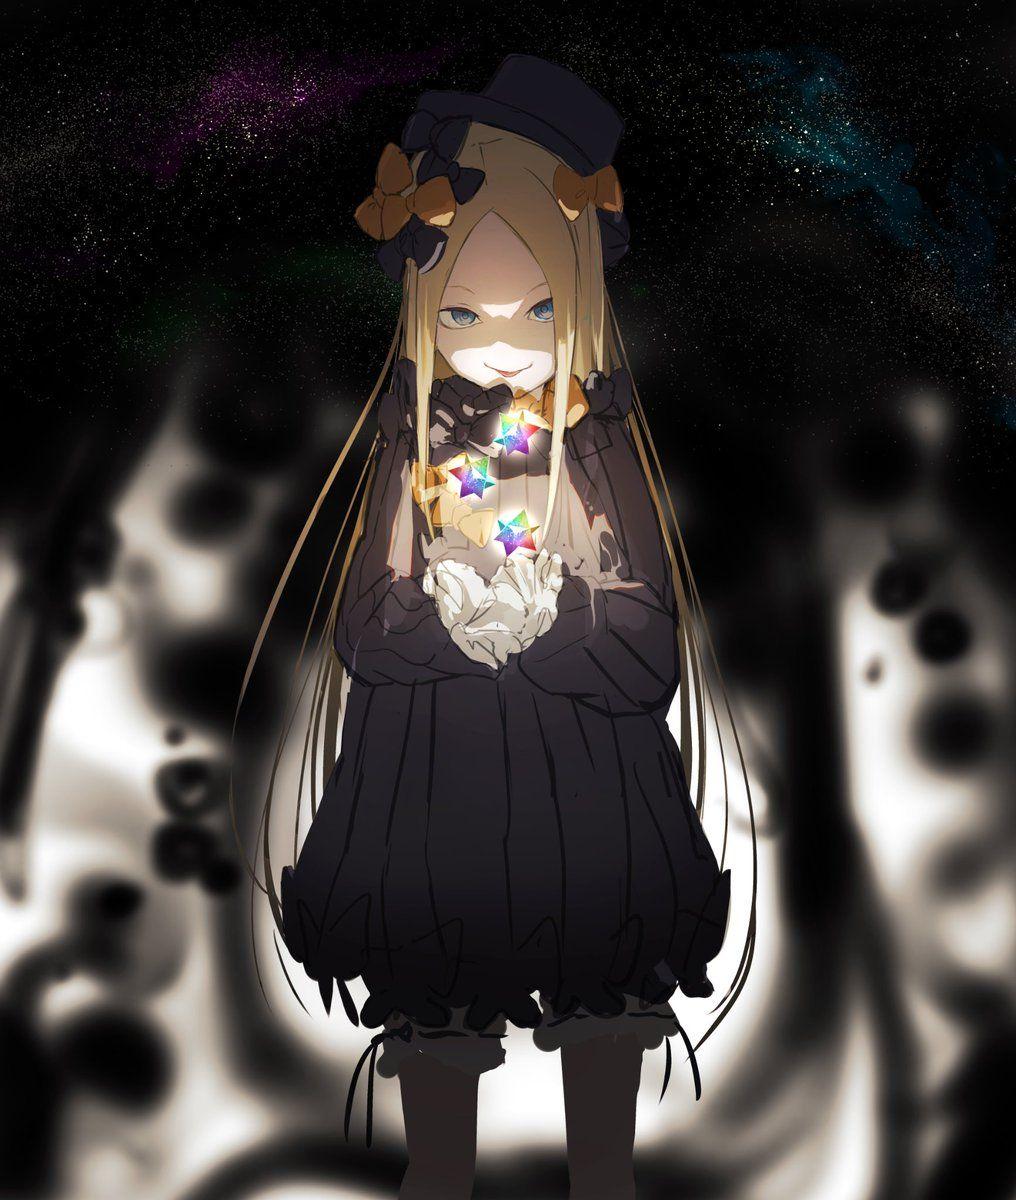 [FGO] アビゲイル「こぼれるほど…下さいな…」 Fateツイッター情報まとめ キャラクターデザイン